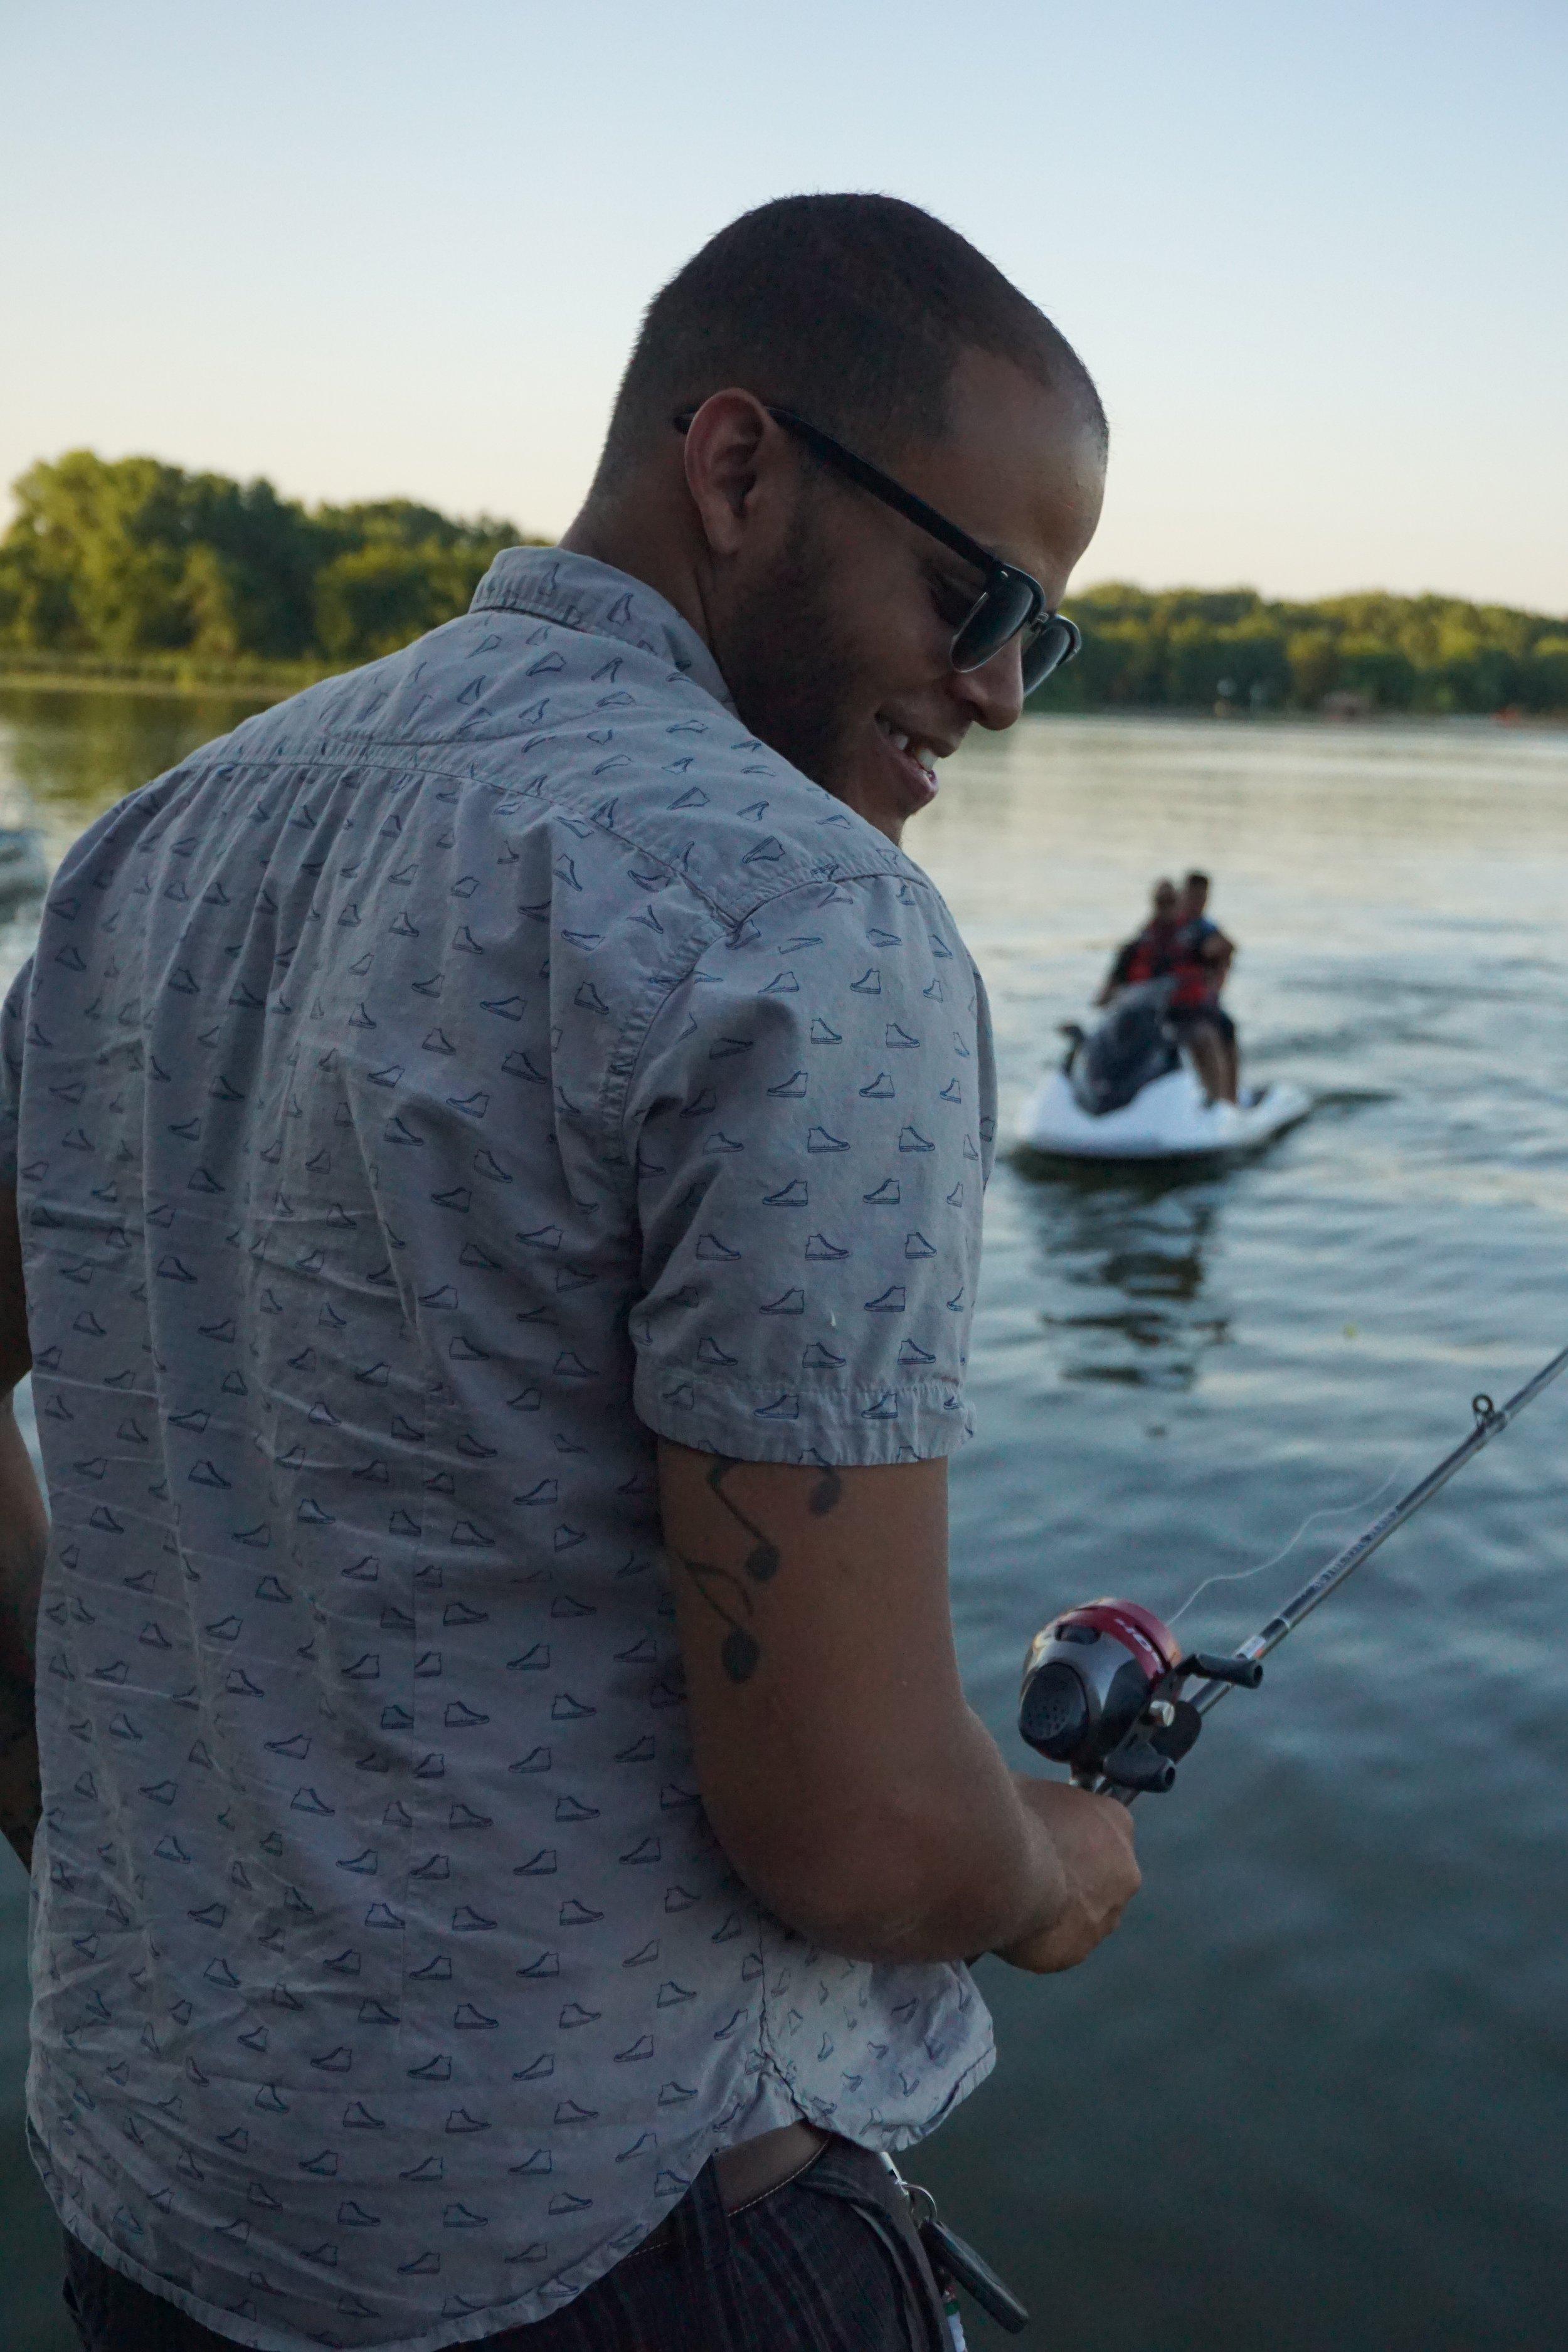 New Lens Mentoring Society Lake 59.jpg